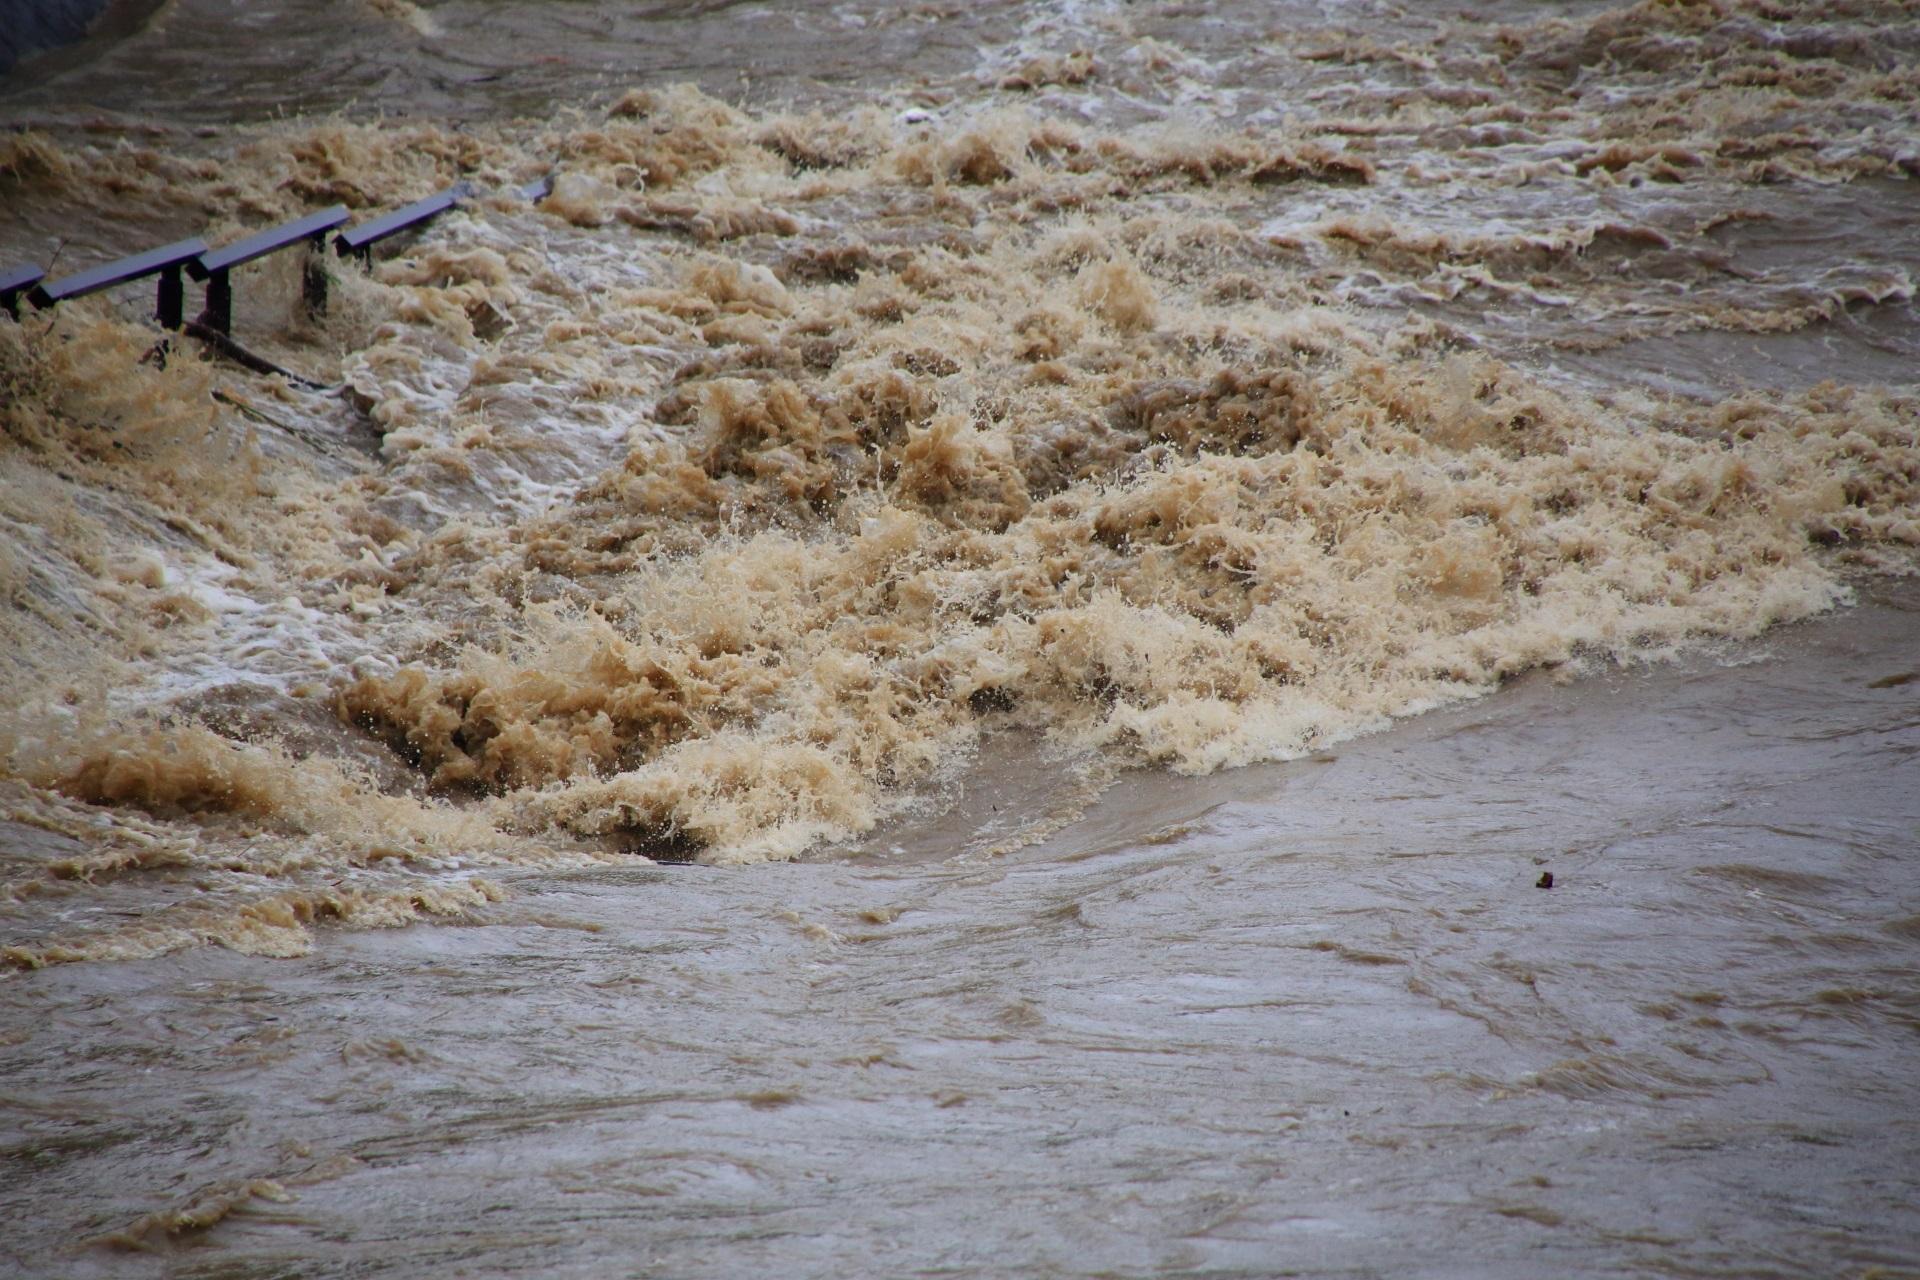 鴨川の激流がぶつかってあがる茶色い水しぶき